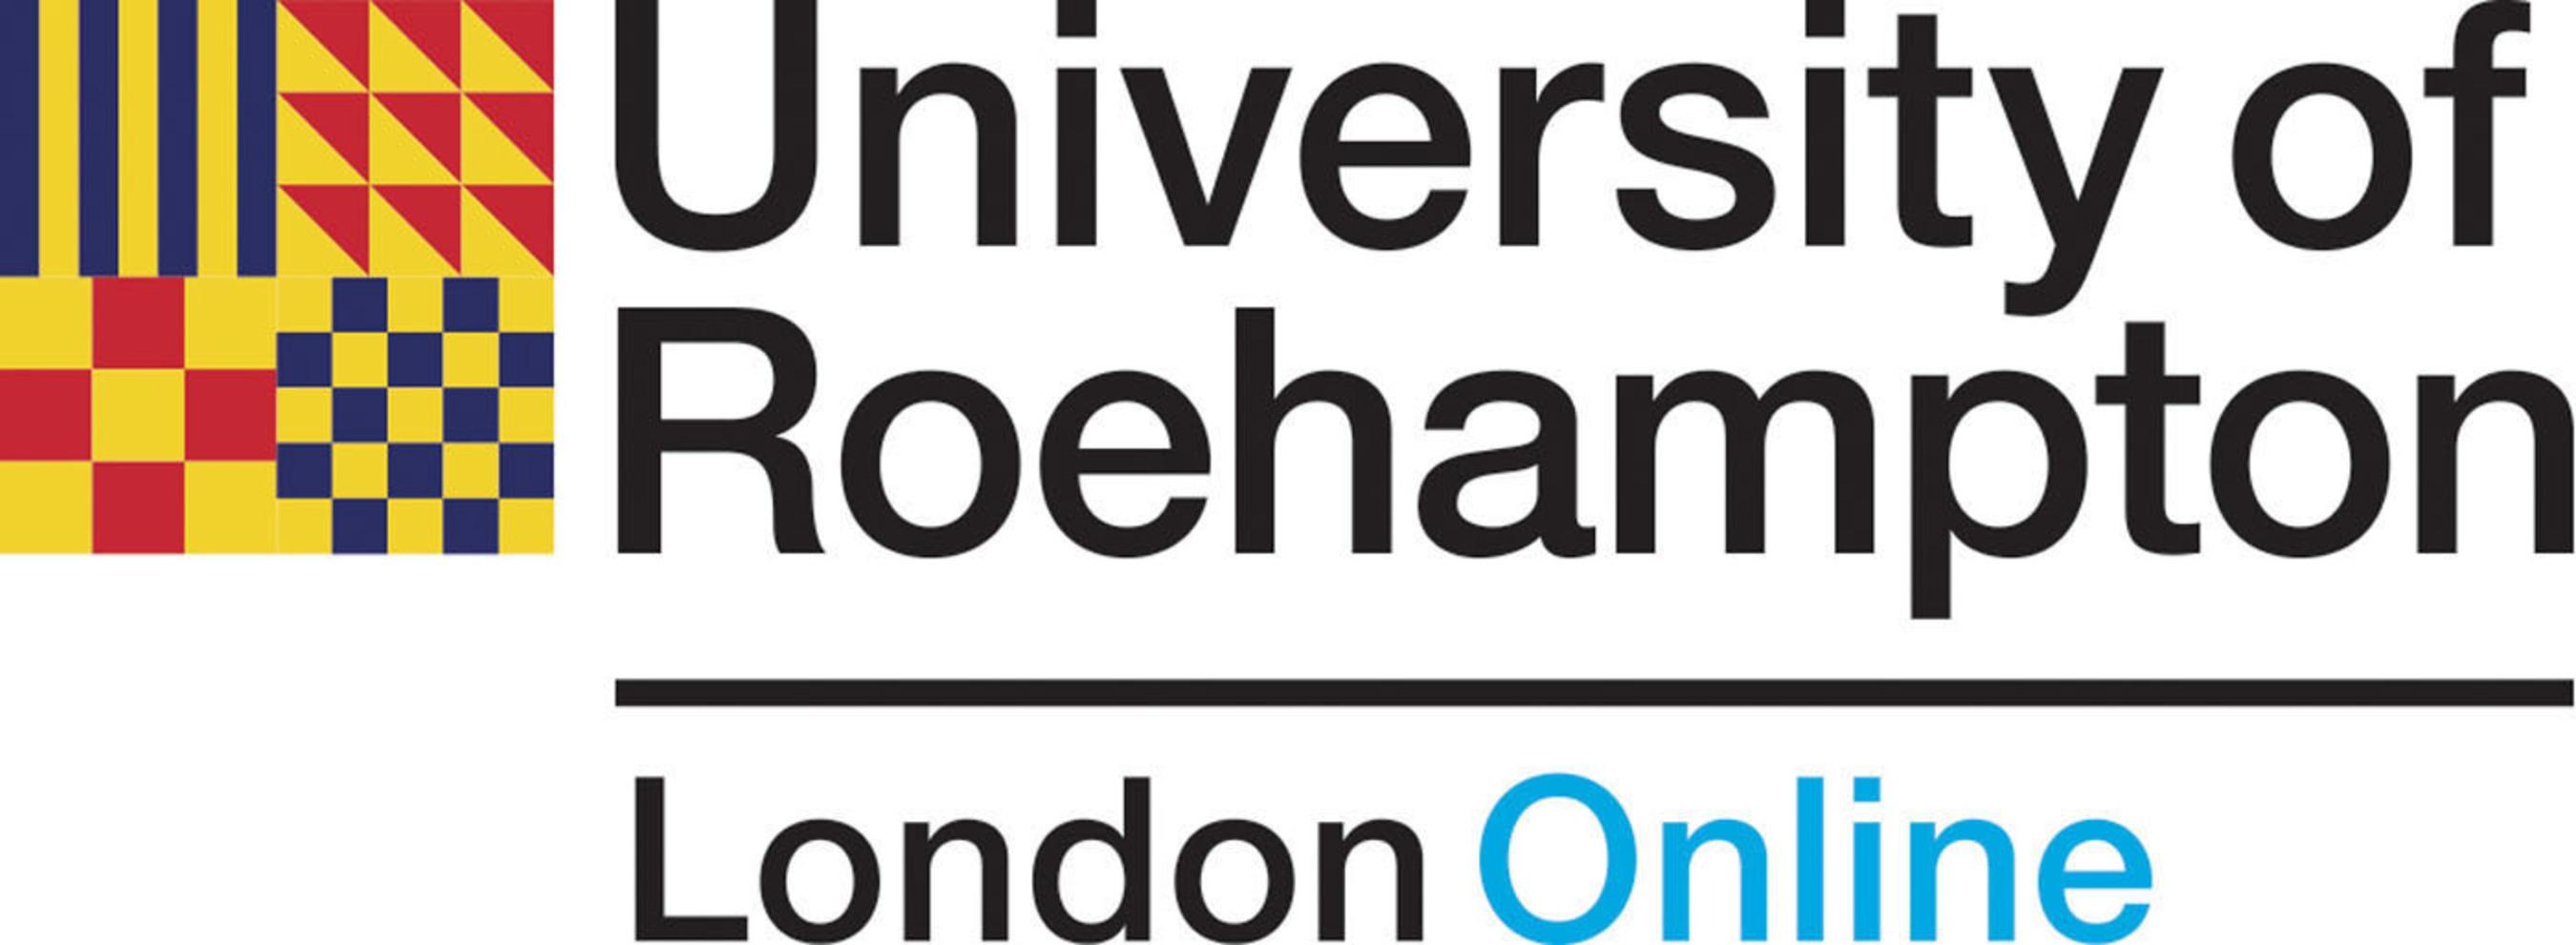 University of Roehampton, London Online. (PRNewsFoto/University of Roehampton, London Online)